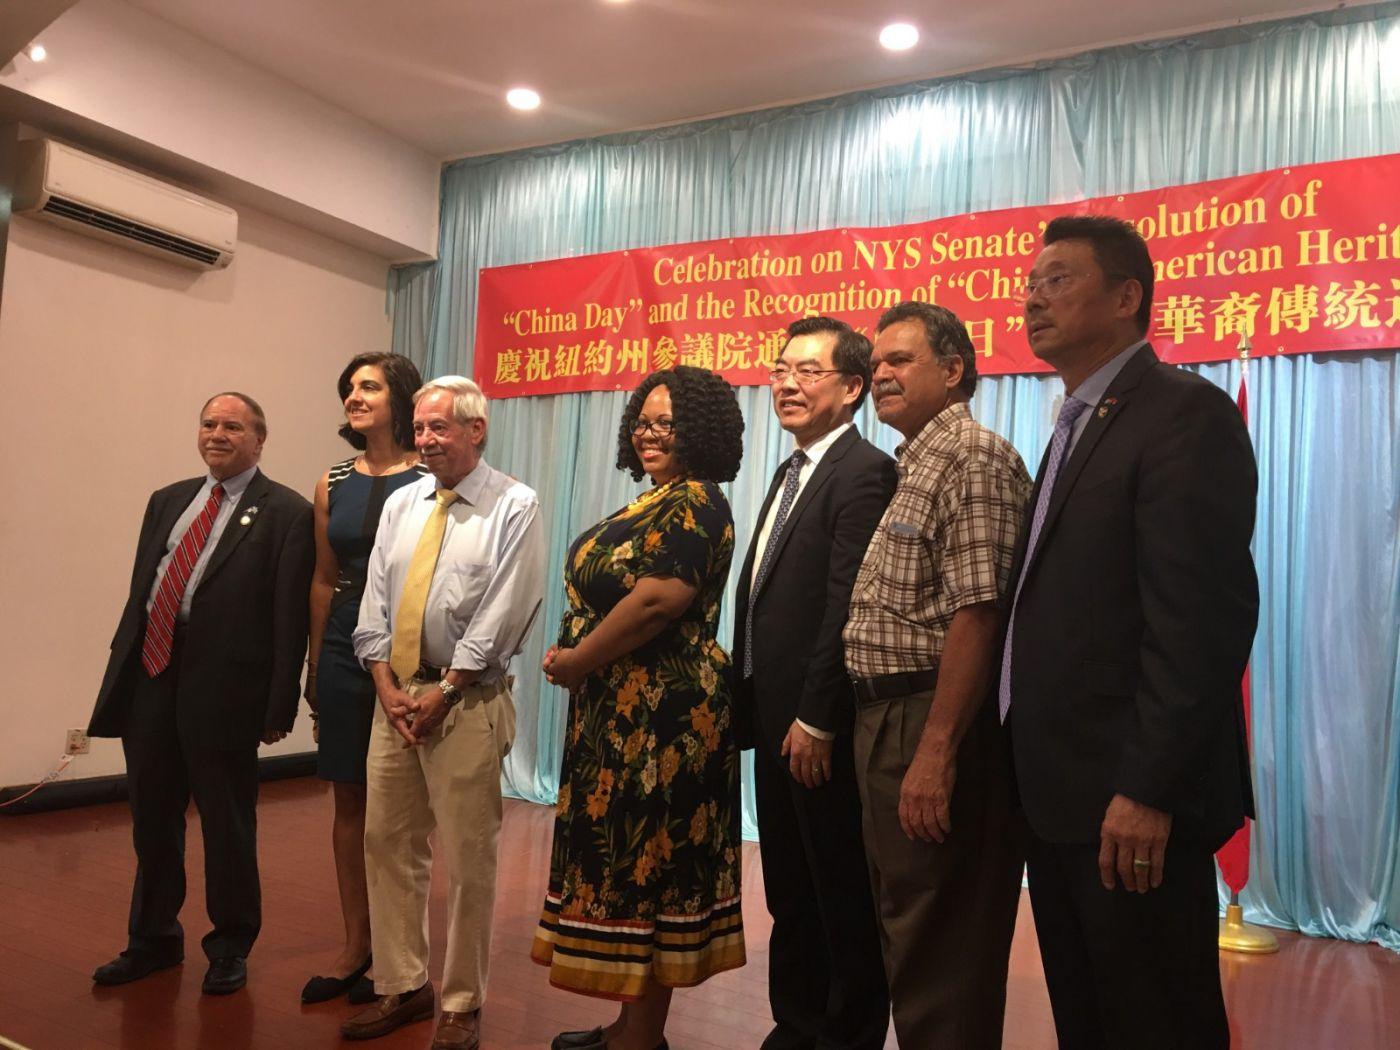 紐約州參議院通過「中國日」決議案慶祝会在紐約舉行_图1-19